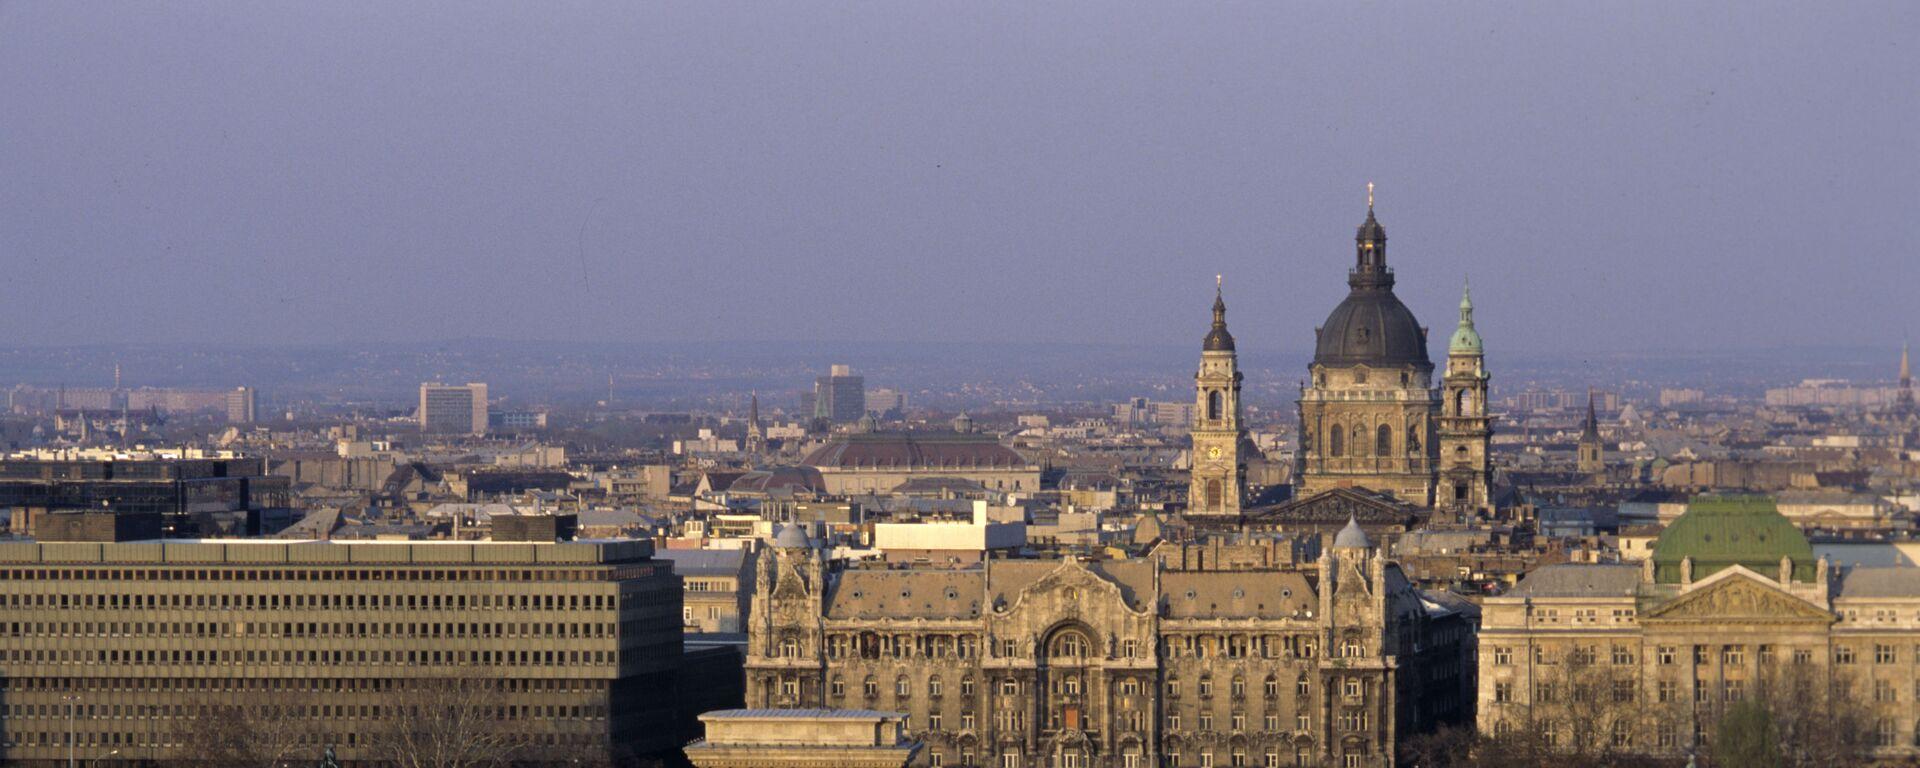 Pohled na město Budapešť - Sputnik Česká republika, 1920, 30.06.2021